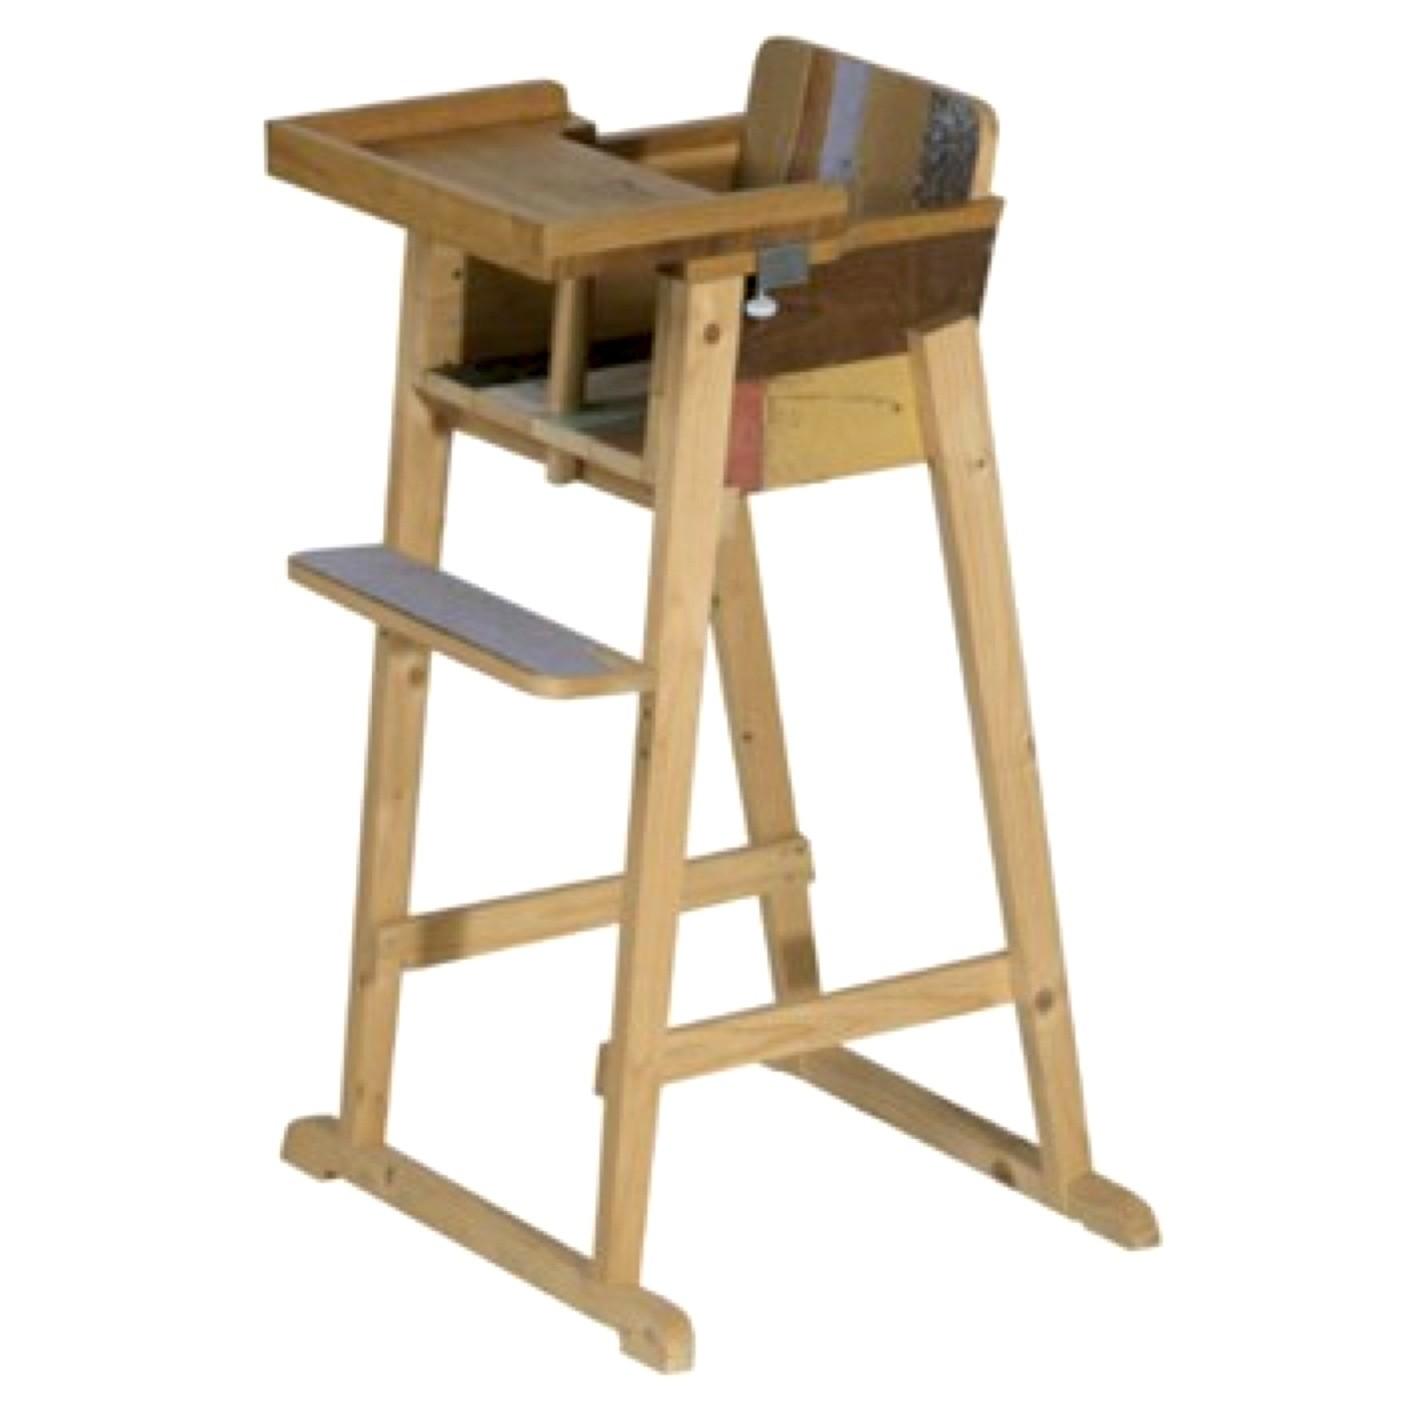 Piet Hein Eek – Kinderstoeltje in sloophout